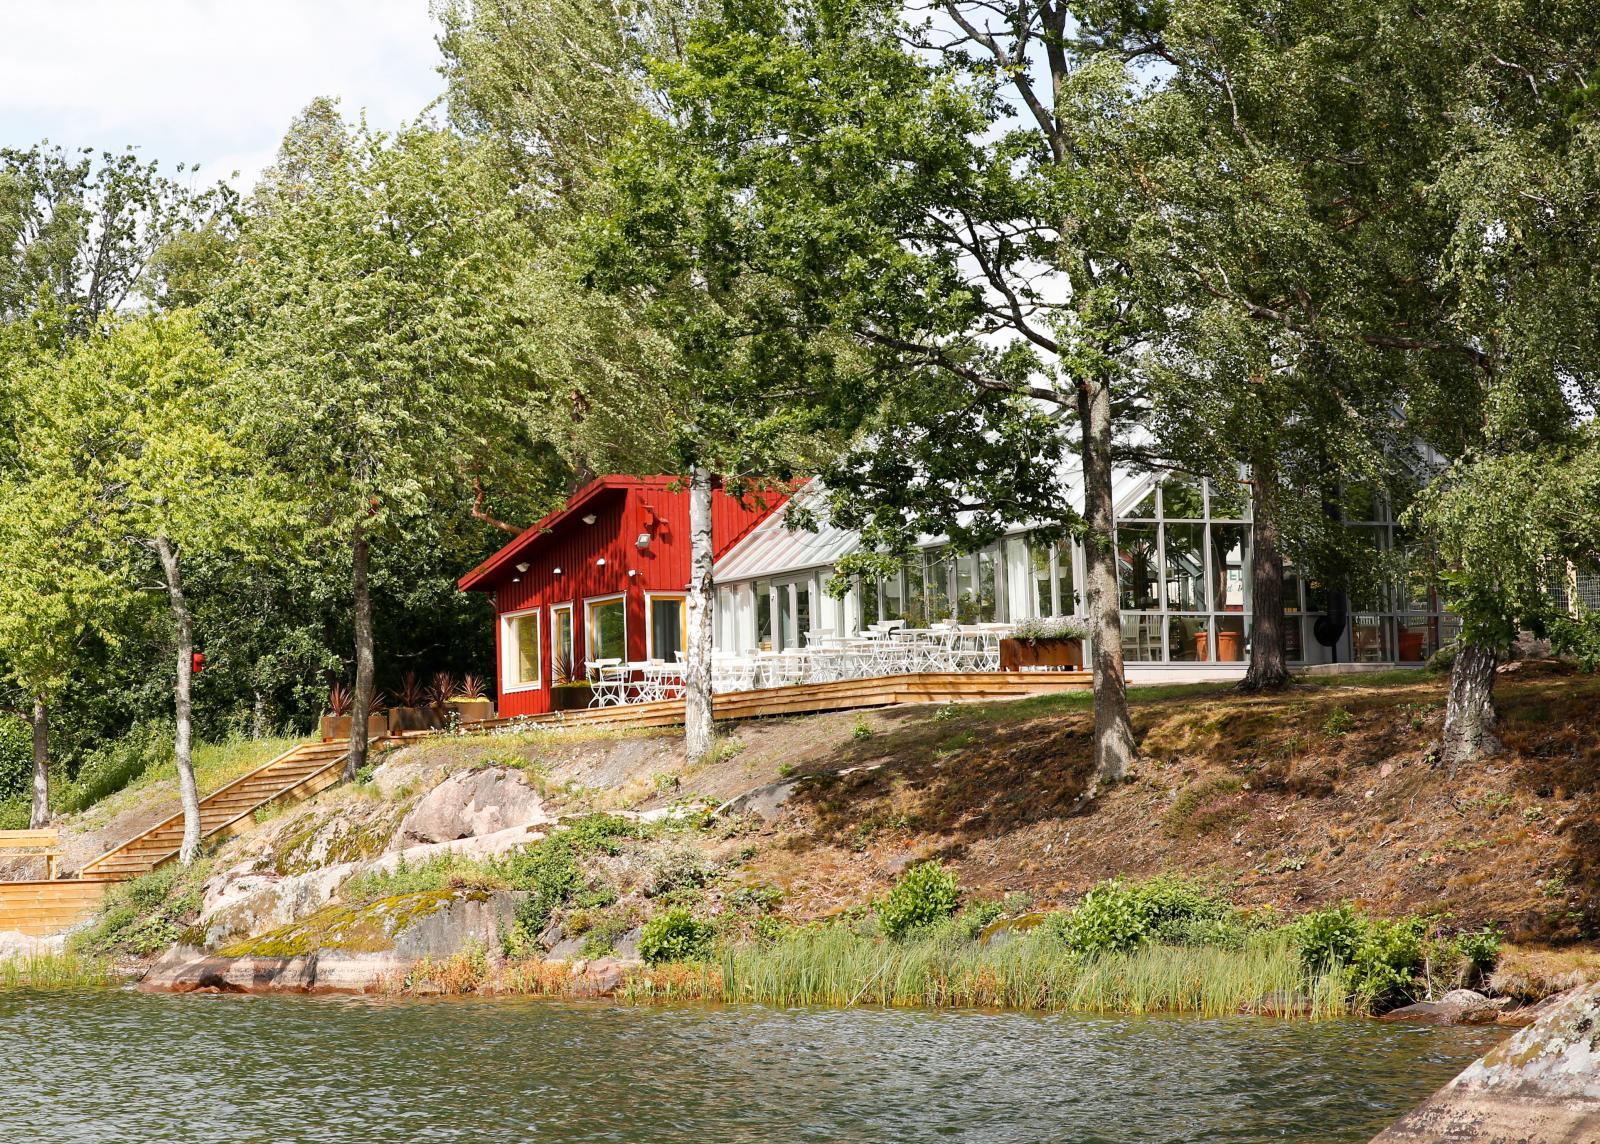 Växthuset ligger vackert vid sjön.